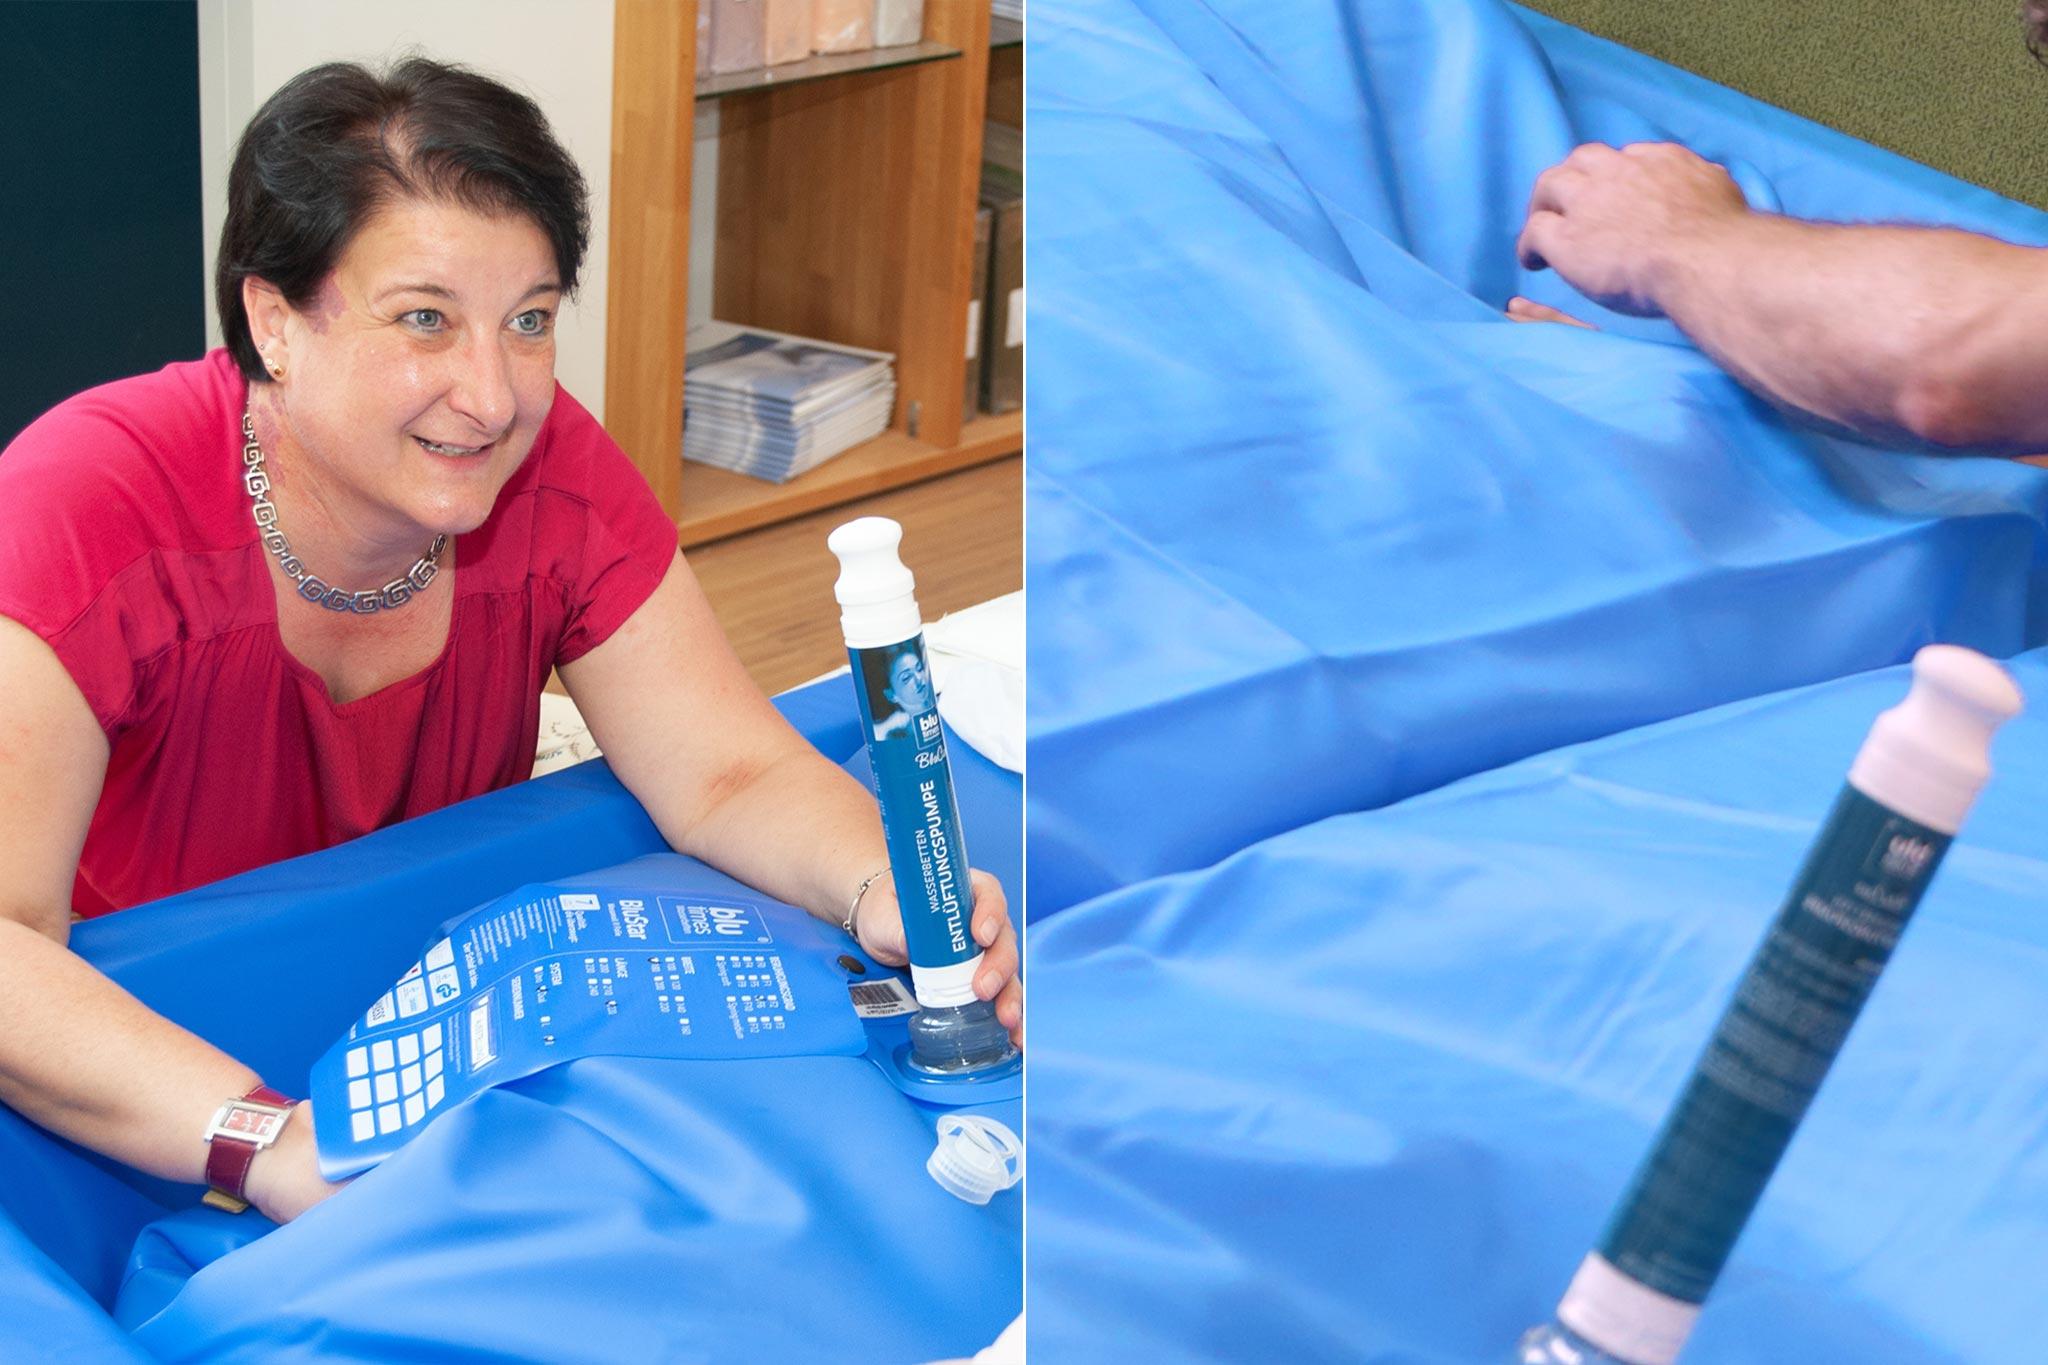 Bekannt So entlüften Sie Ihr Wasserbett richtig | Wasserbett Entlüfterpumpe HC44